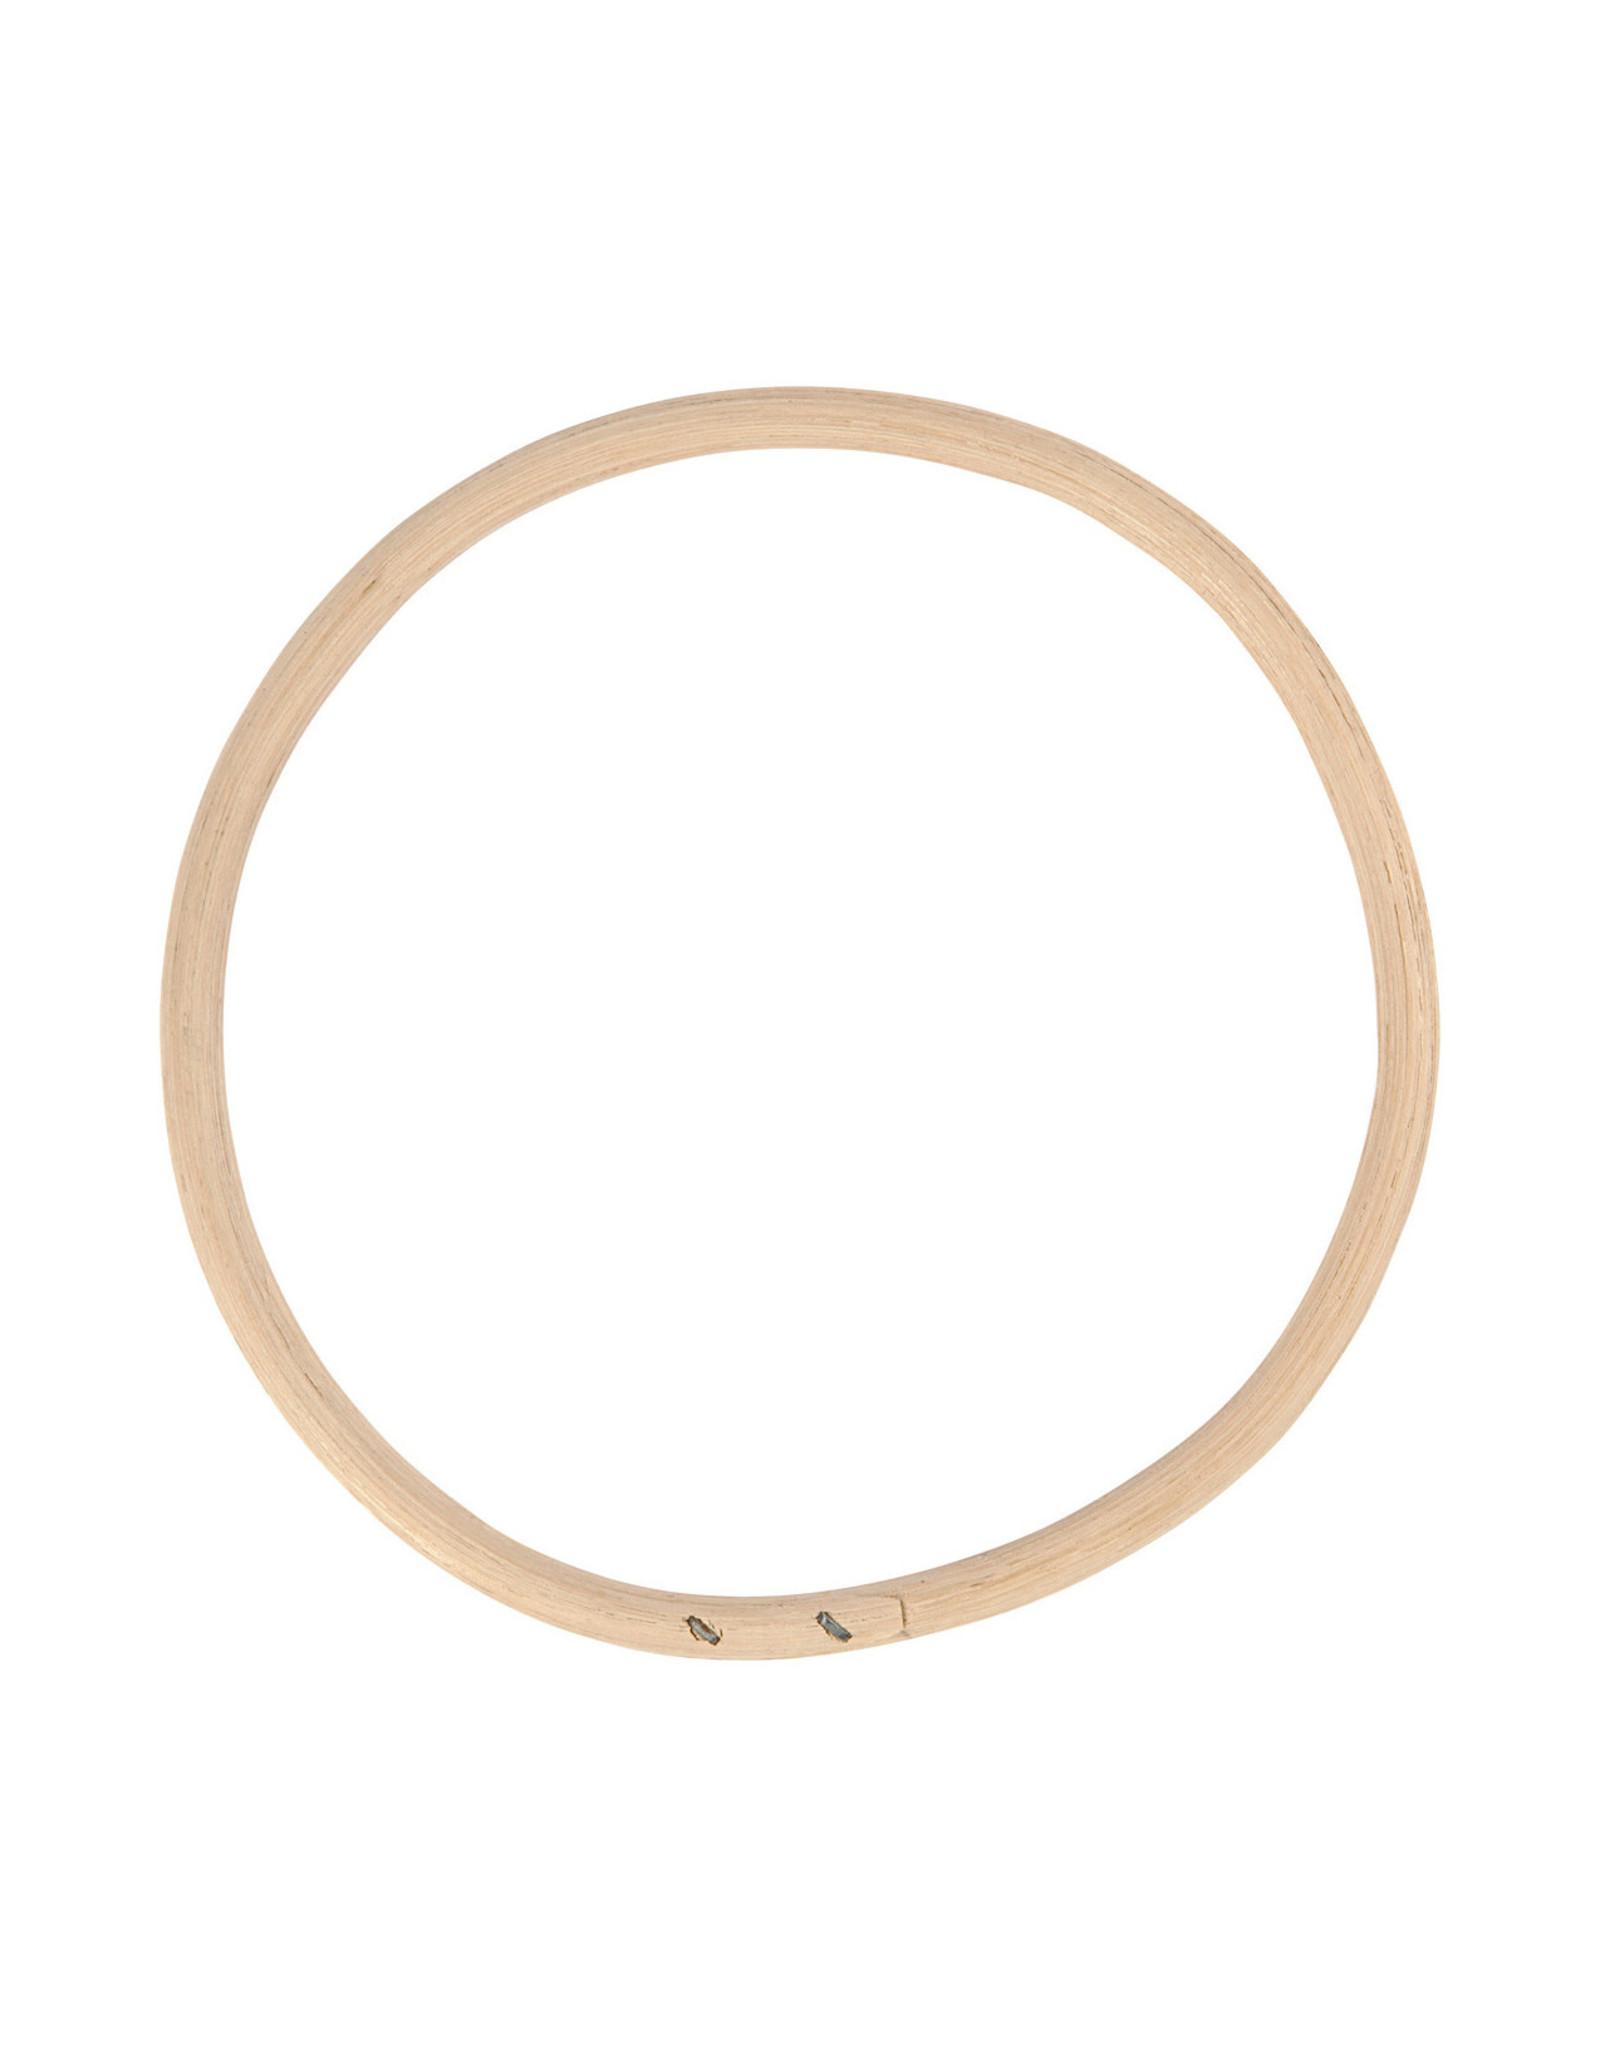 Bamboe ring 15cm